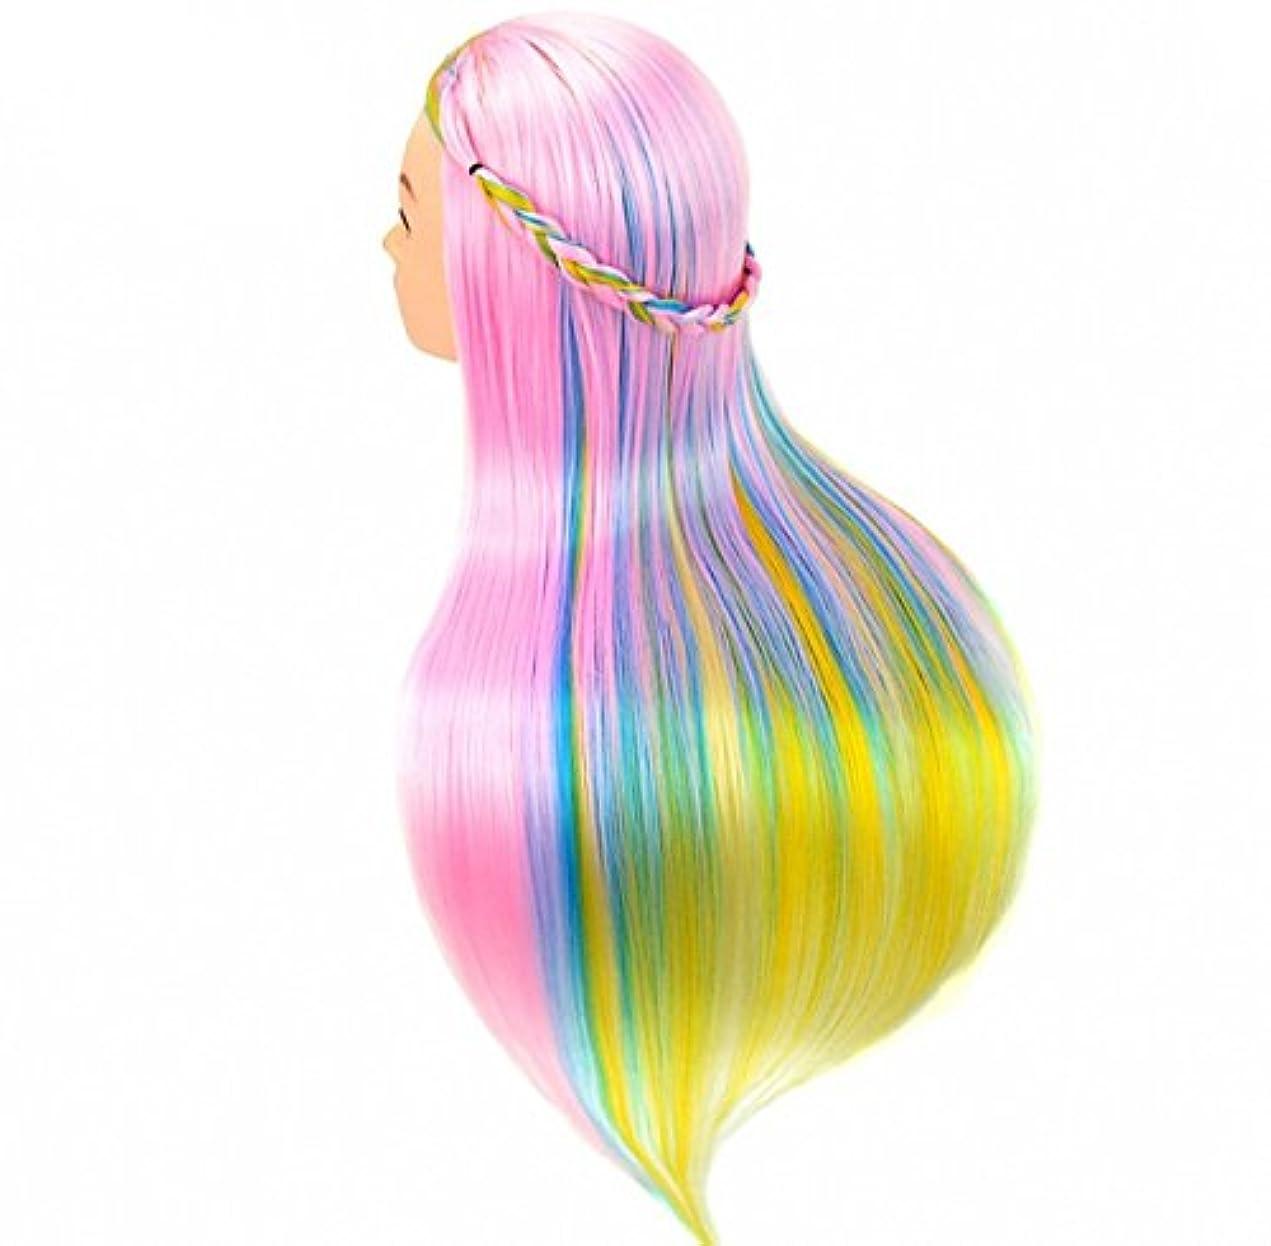 小さなヒロイン一般的な[Perfehair] 人工毛100%のサロン練習用マネキンヘッド(24インチ)–レインボーカラー-